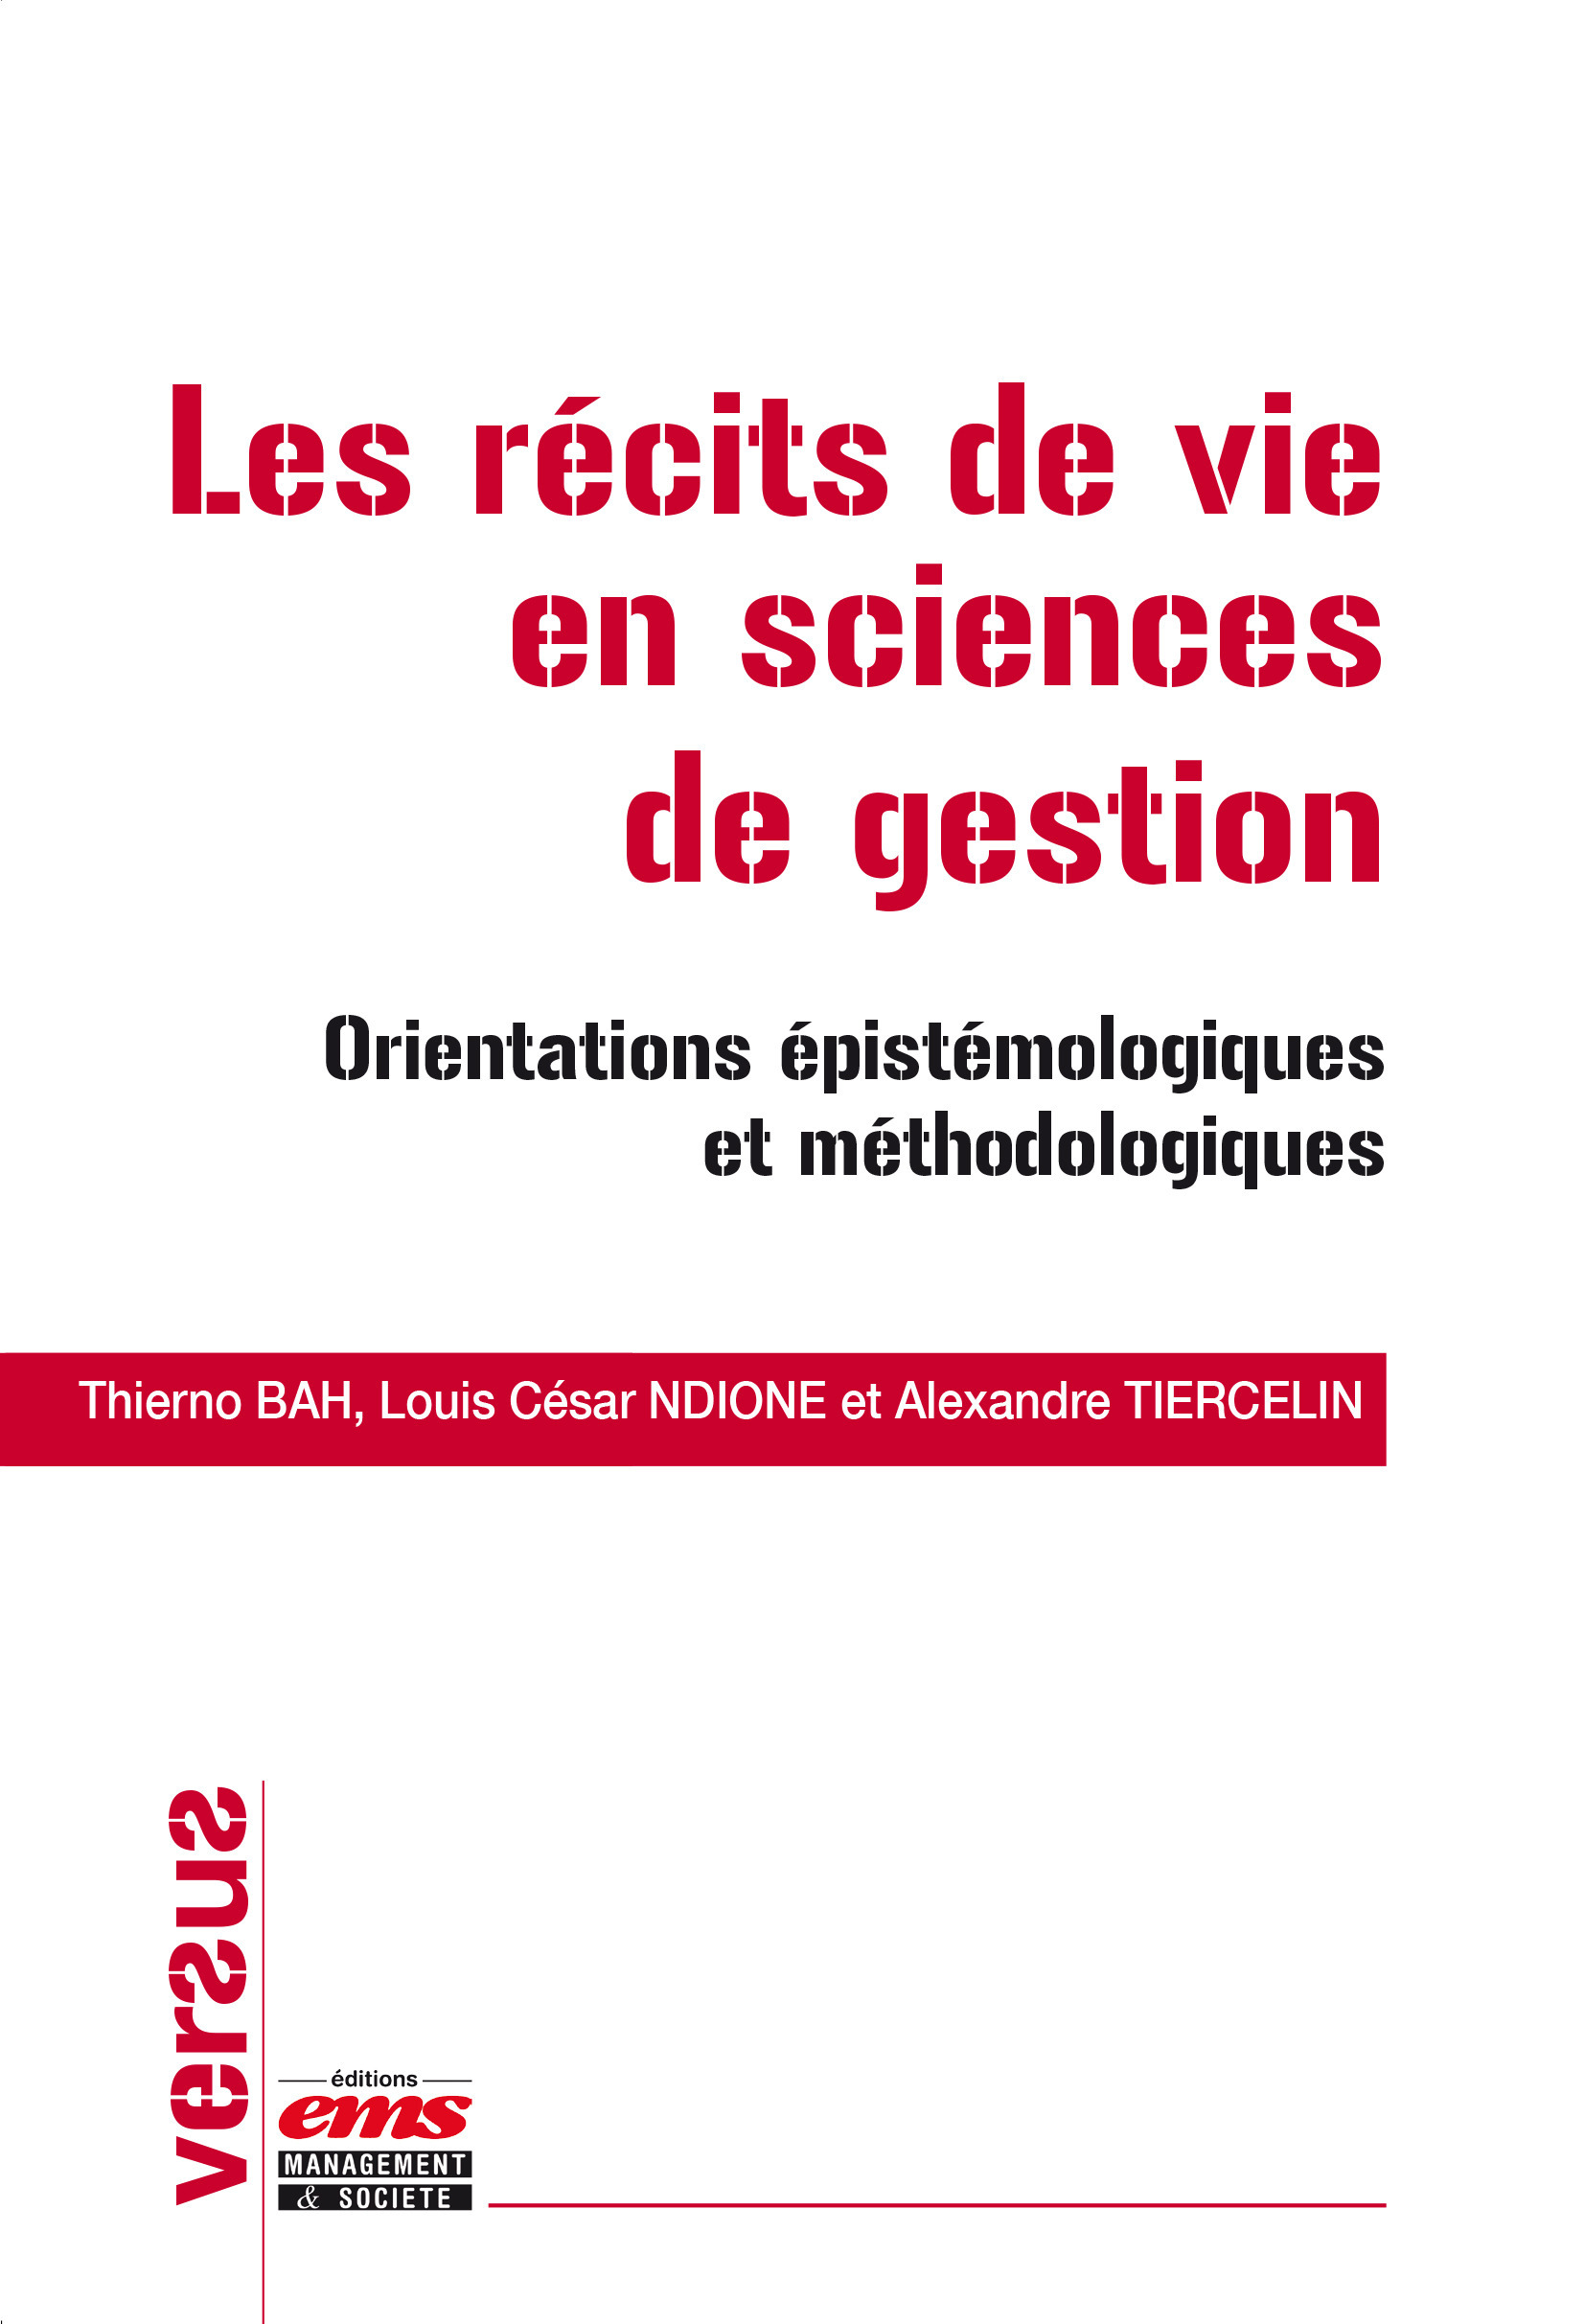 Les récits de vie en sciences de gestion ; orientations épistémologiques et méthodologiques